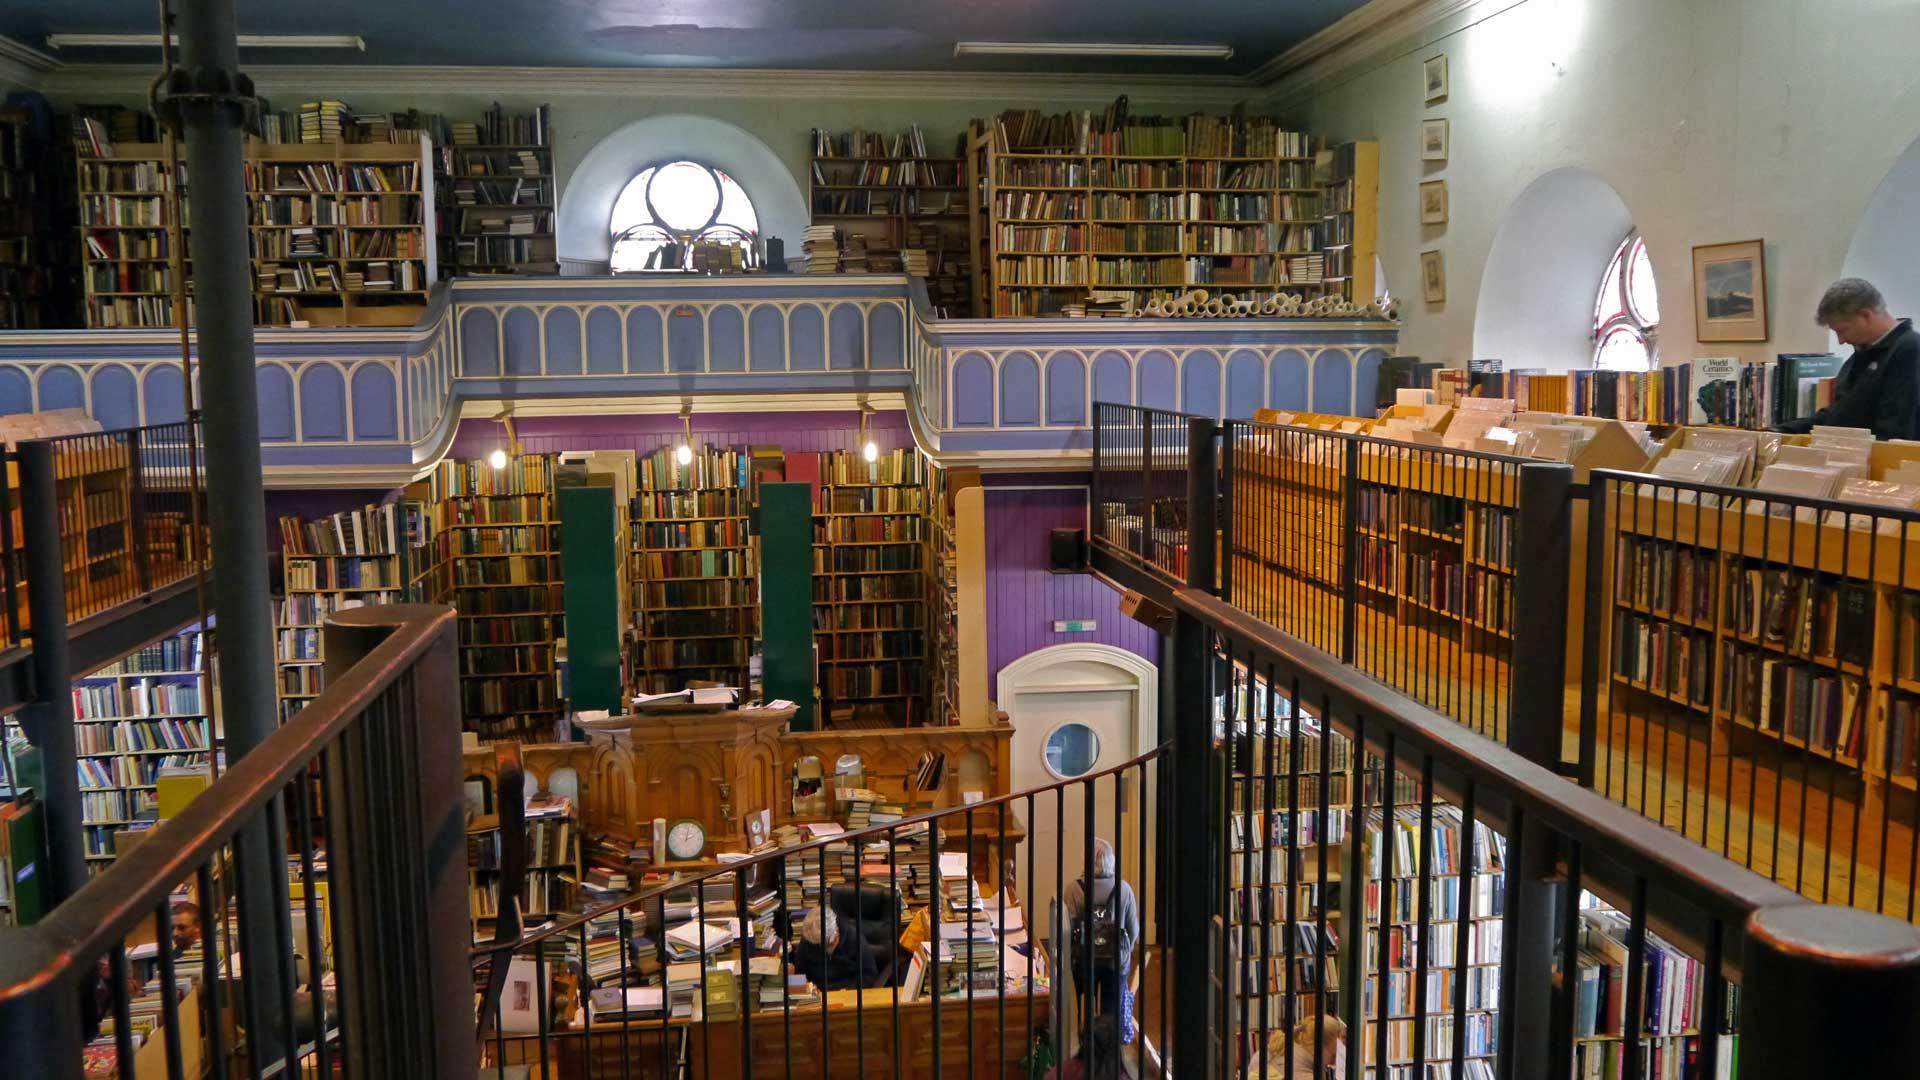 Bücherkathedrale: Der Leakey's Bookshop in Inverness befindet sich in einer ehemaligen Kirche. (Foto: Sommerdiebe.de)